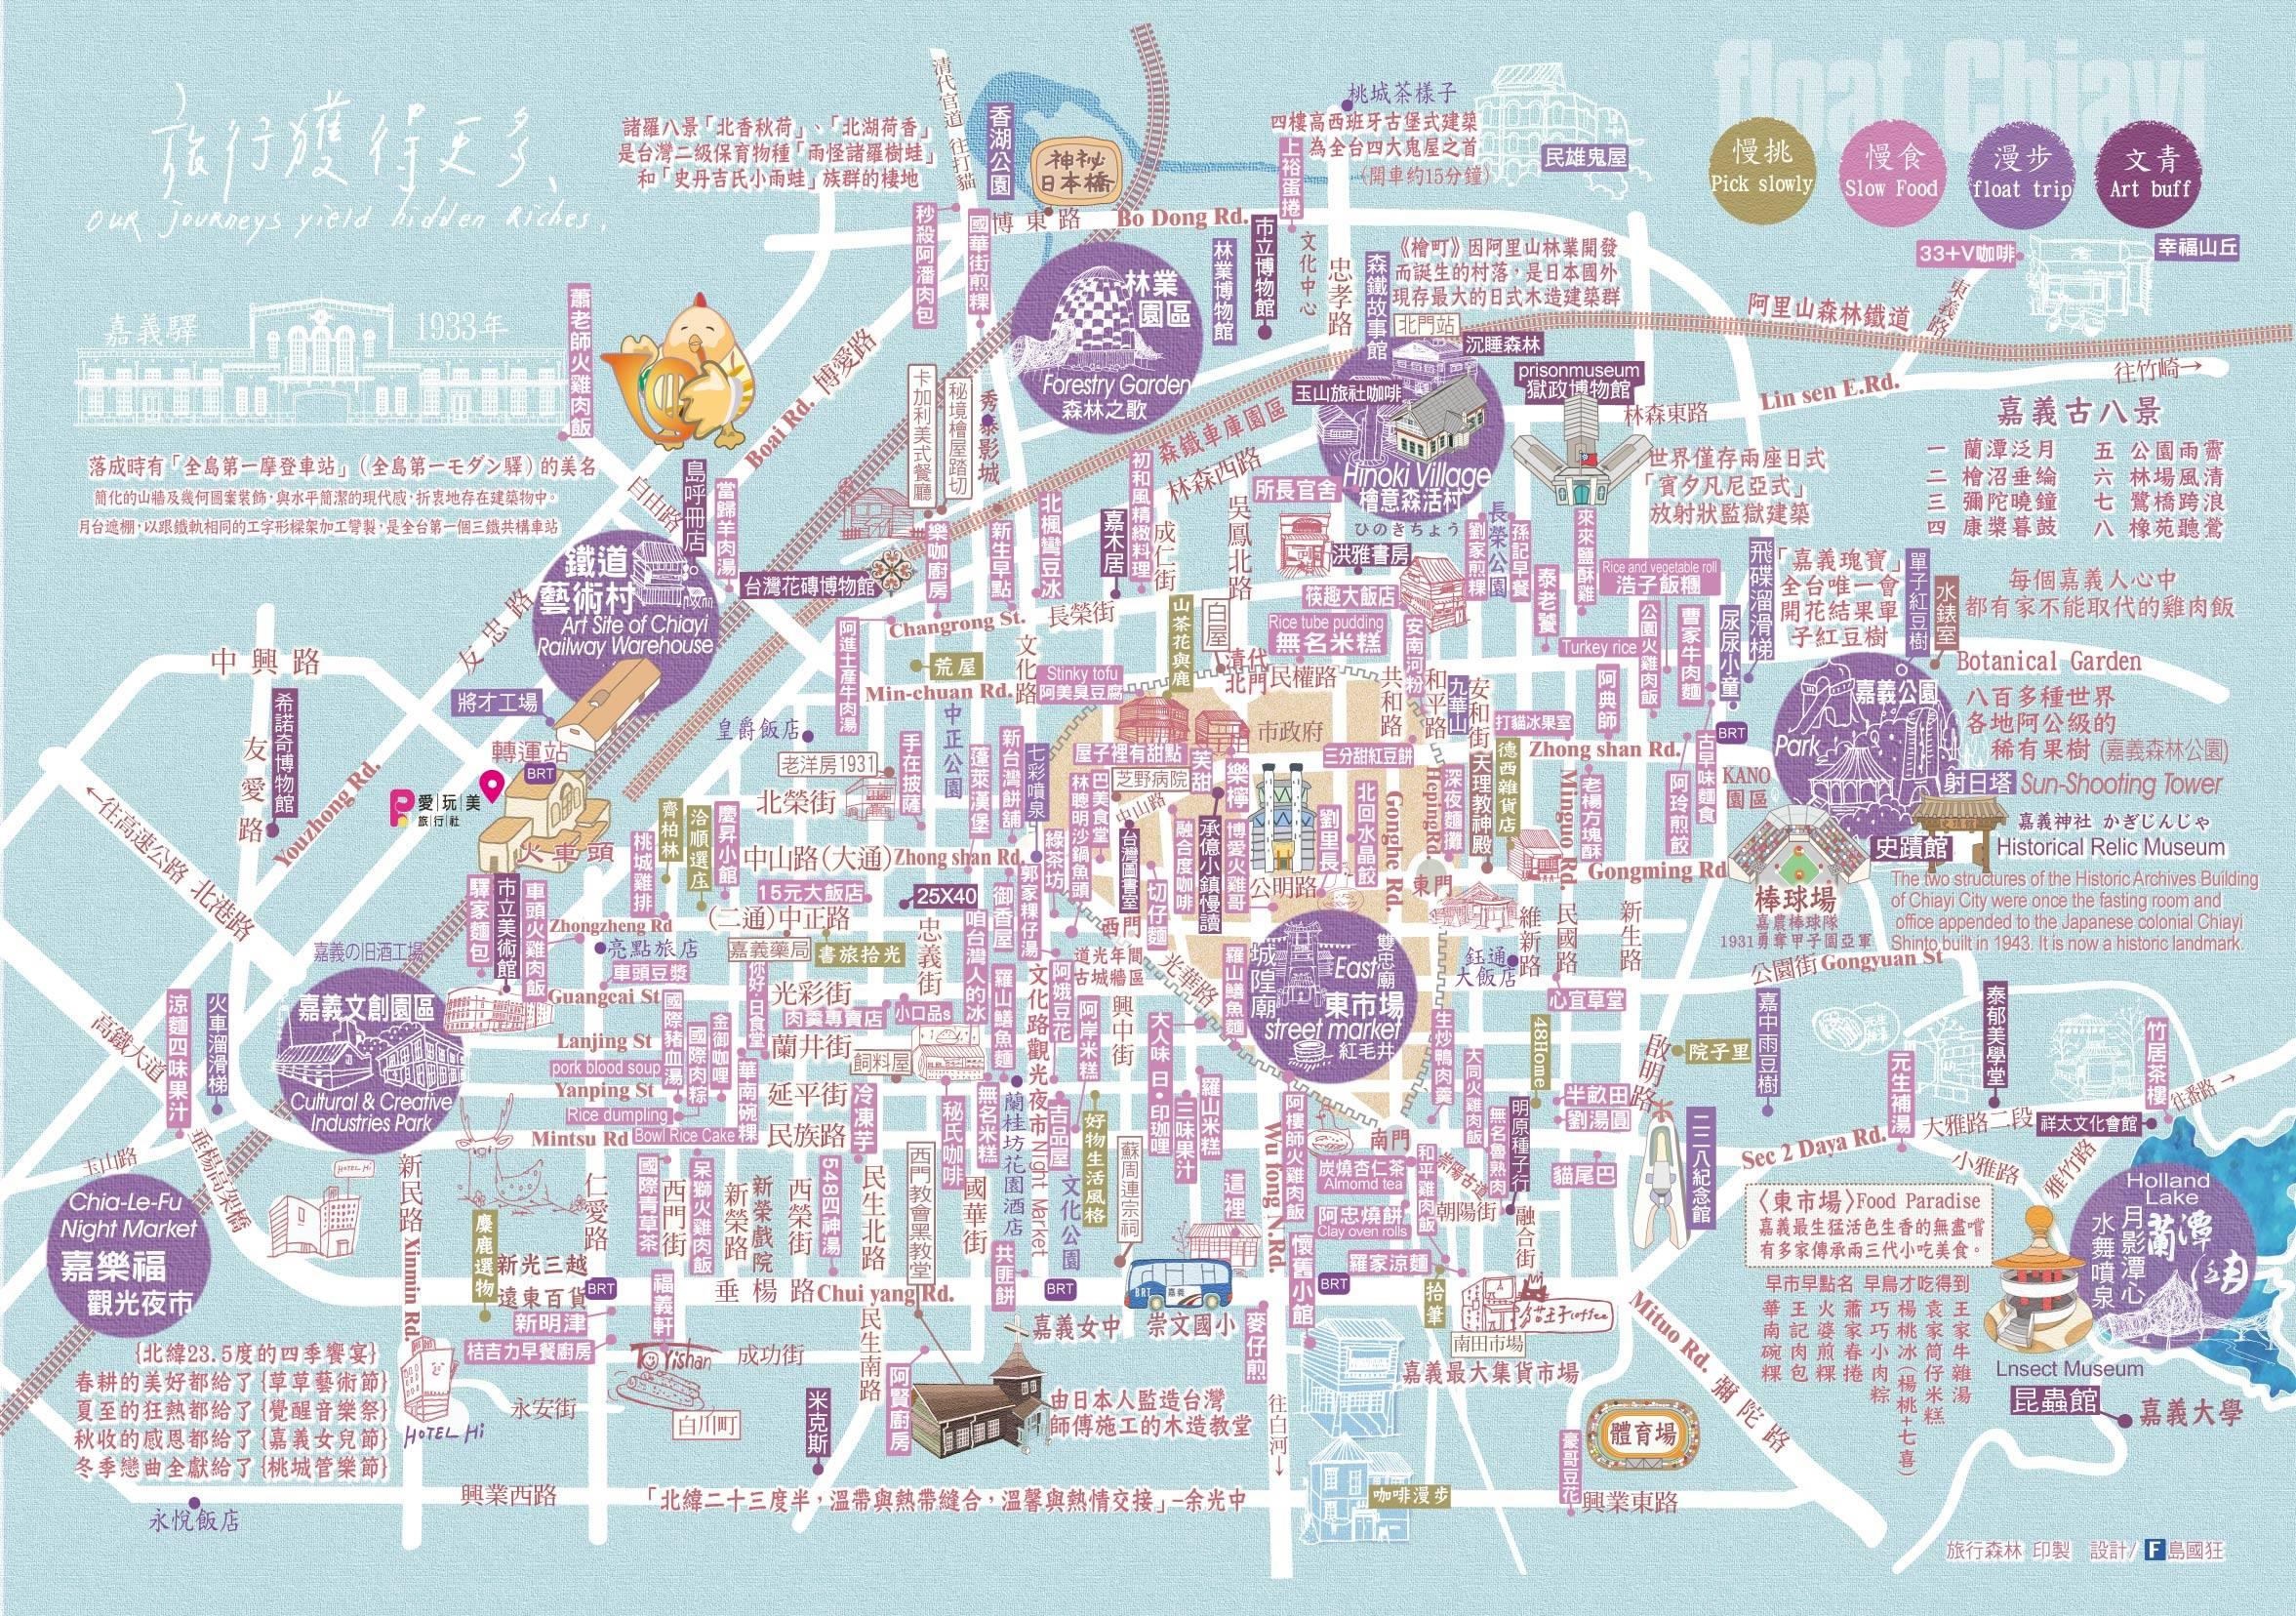 嘉義市區地圖